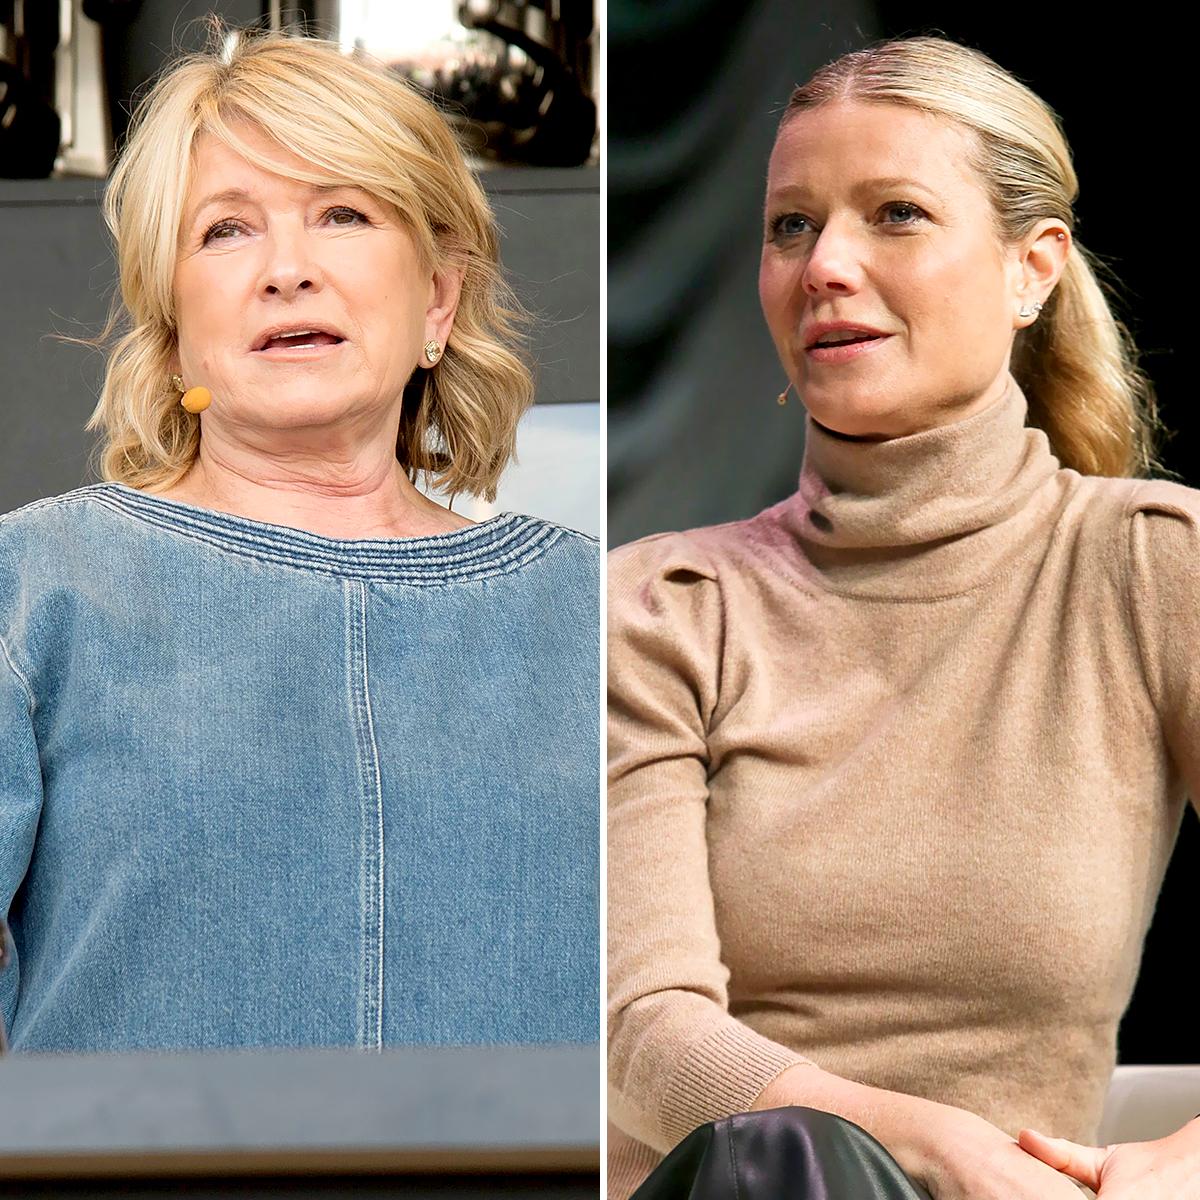 Martha-Stewart-Shades-Gwyneth-Paltrow's-'Vagina'-Candle